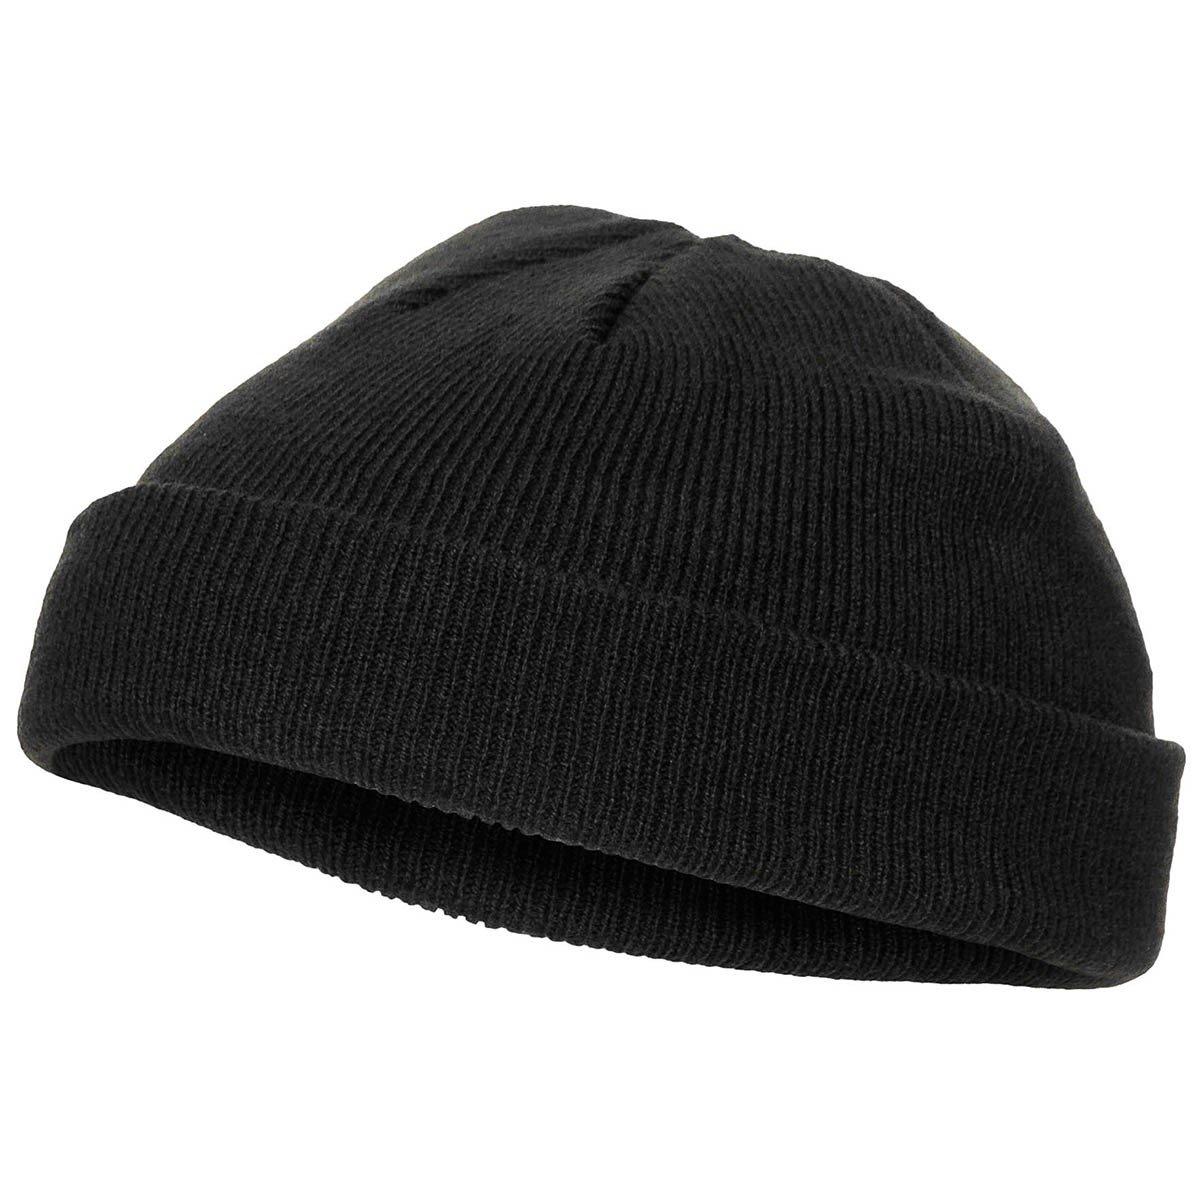 Čepice jemně pletená extra krátká  Acryl ČERNÁ